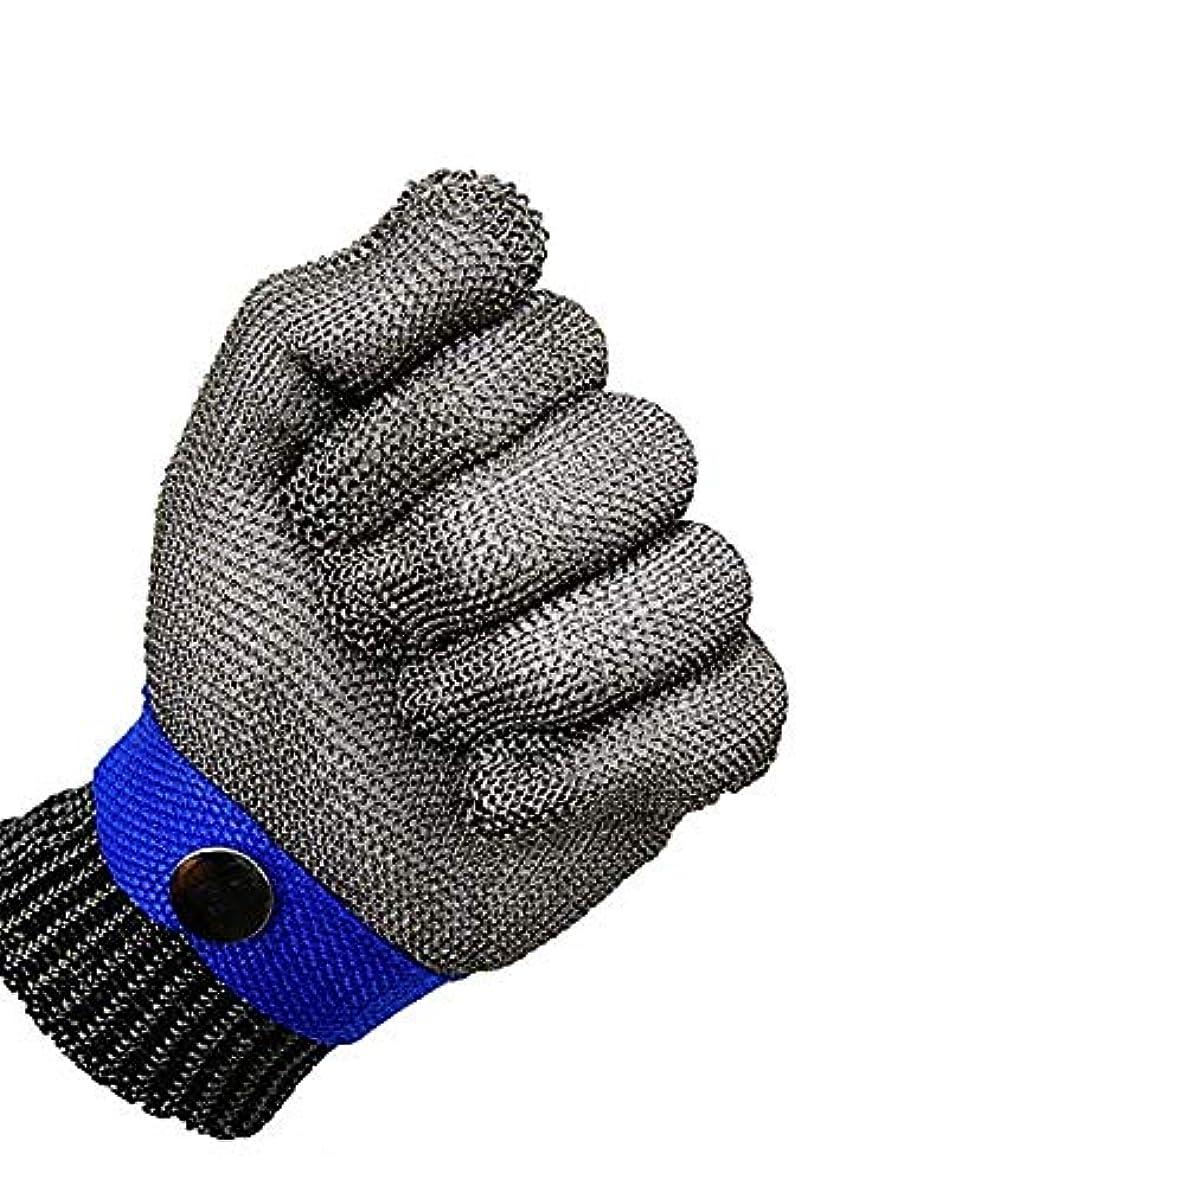 開いた地区ノミネート耐切断性手袋、ステンレススチールメッシュ金属ワイヤグローブ - 耐久性に優れた防錆信頼ブッチャーグローブ最新の素材,S